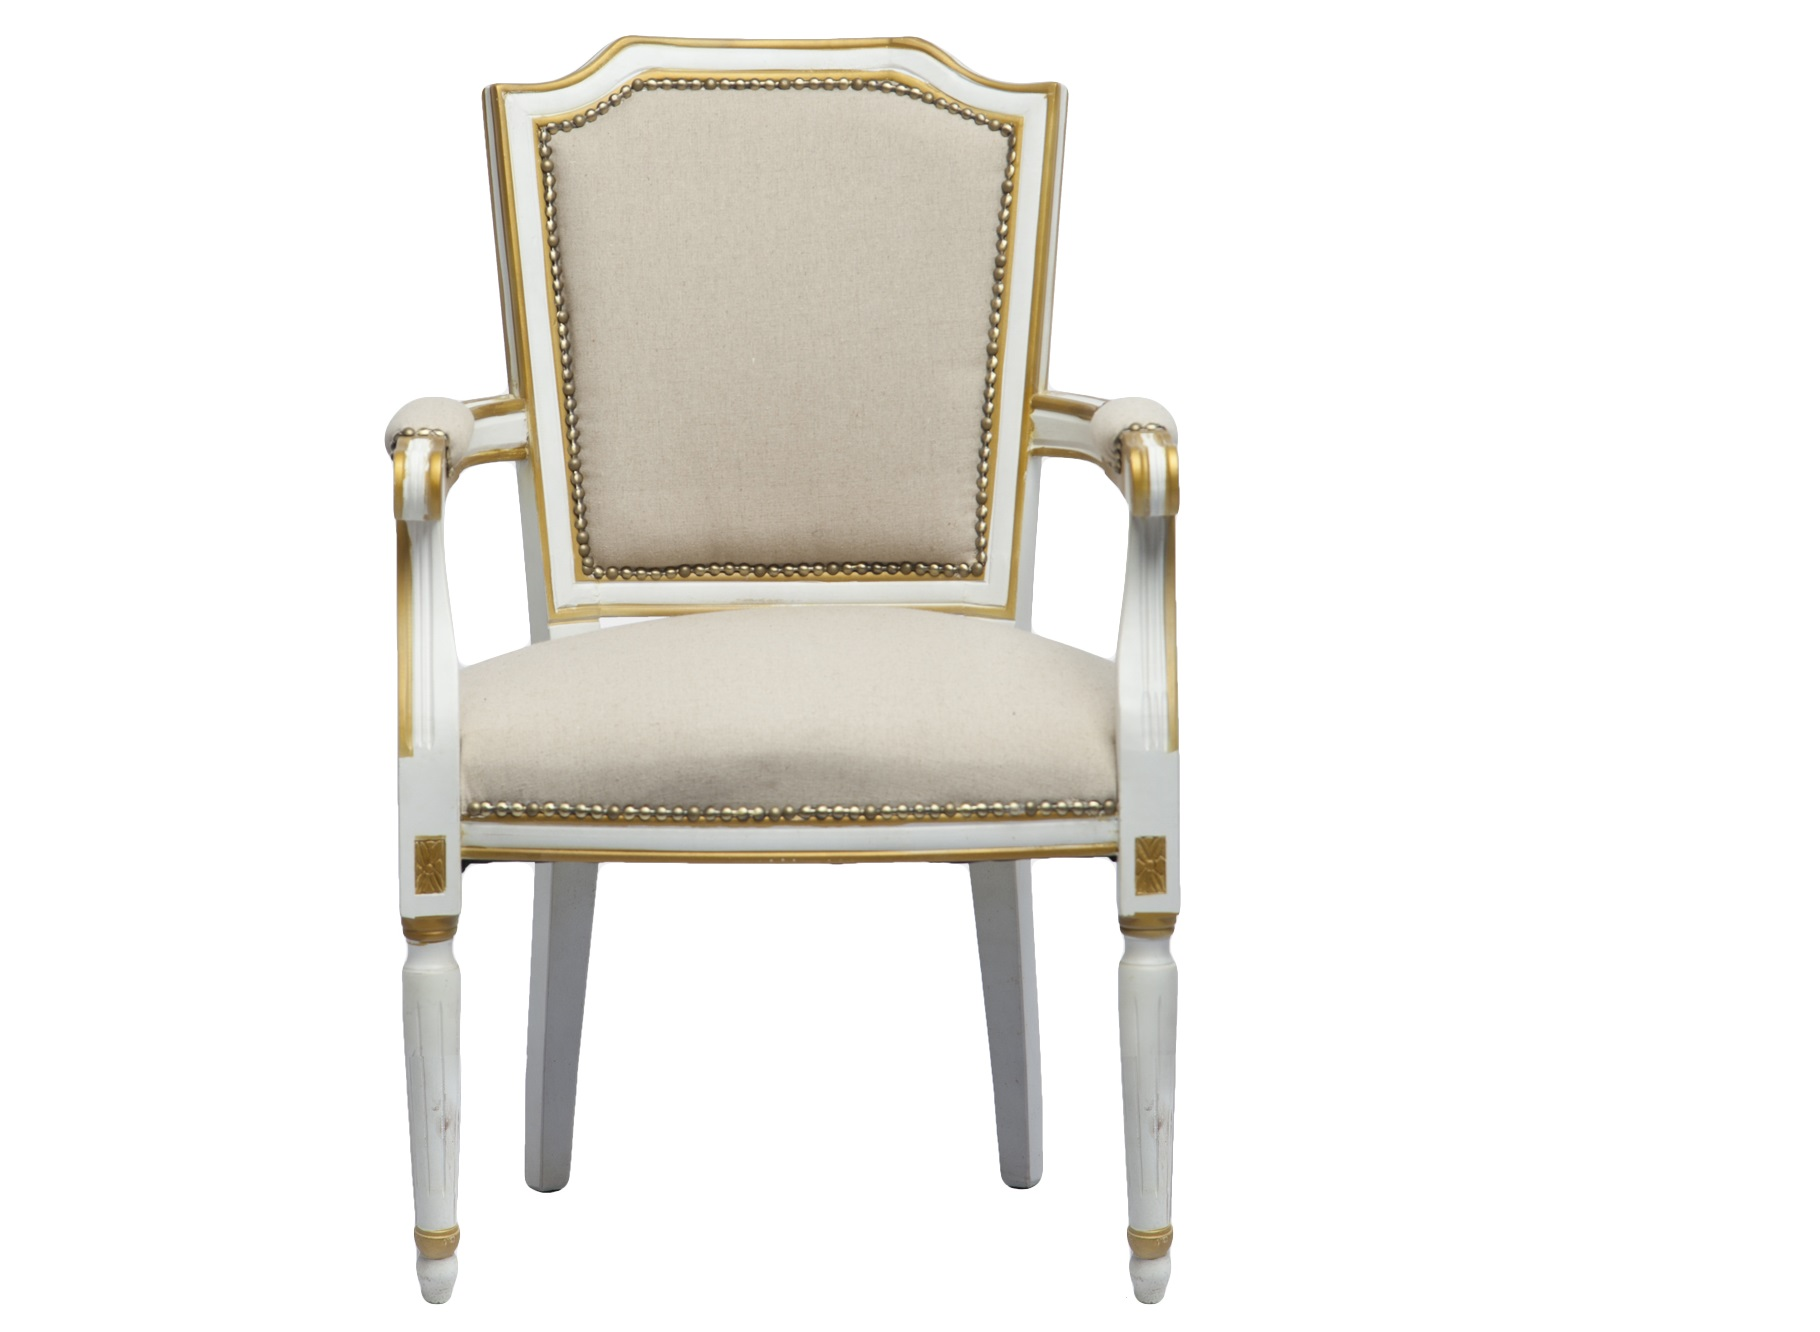 КреслоПолукресла<br>Декорированное кресло на резных ножках из каучукового дерева со старением.&amp;lt;div&amp;gt;&amp;lt;br&amp;gt;&amp;lt;/div&amp;gt;&amp;lt;div&amp;gt;Материал: ткань&amp;lt;br&amp;gt;&amp;lt;/div&amp;gt;<br><br>Material: Текстиль